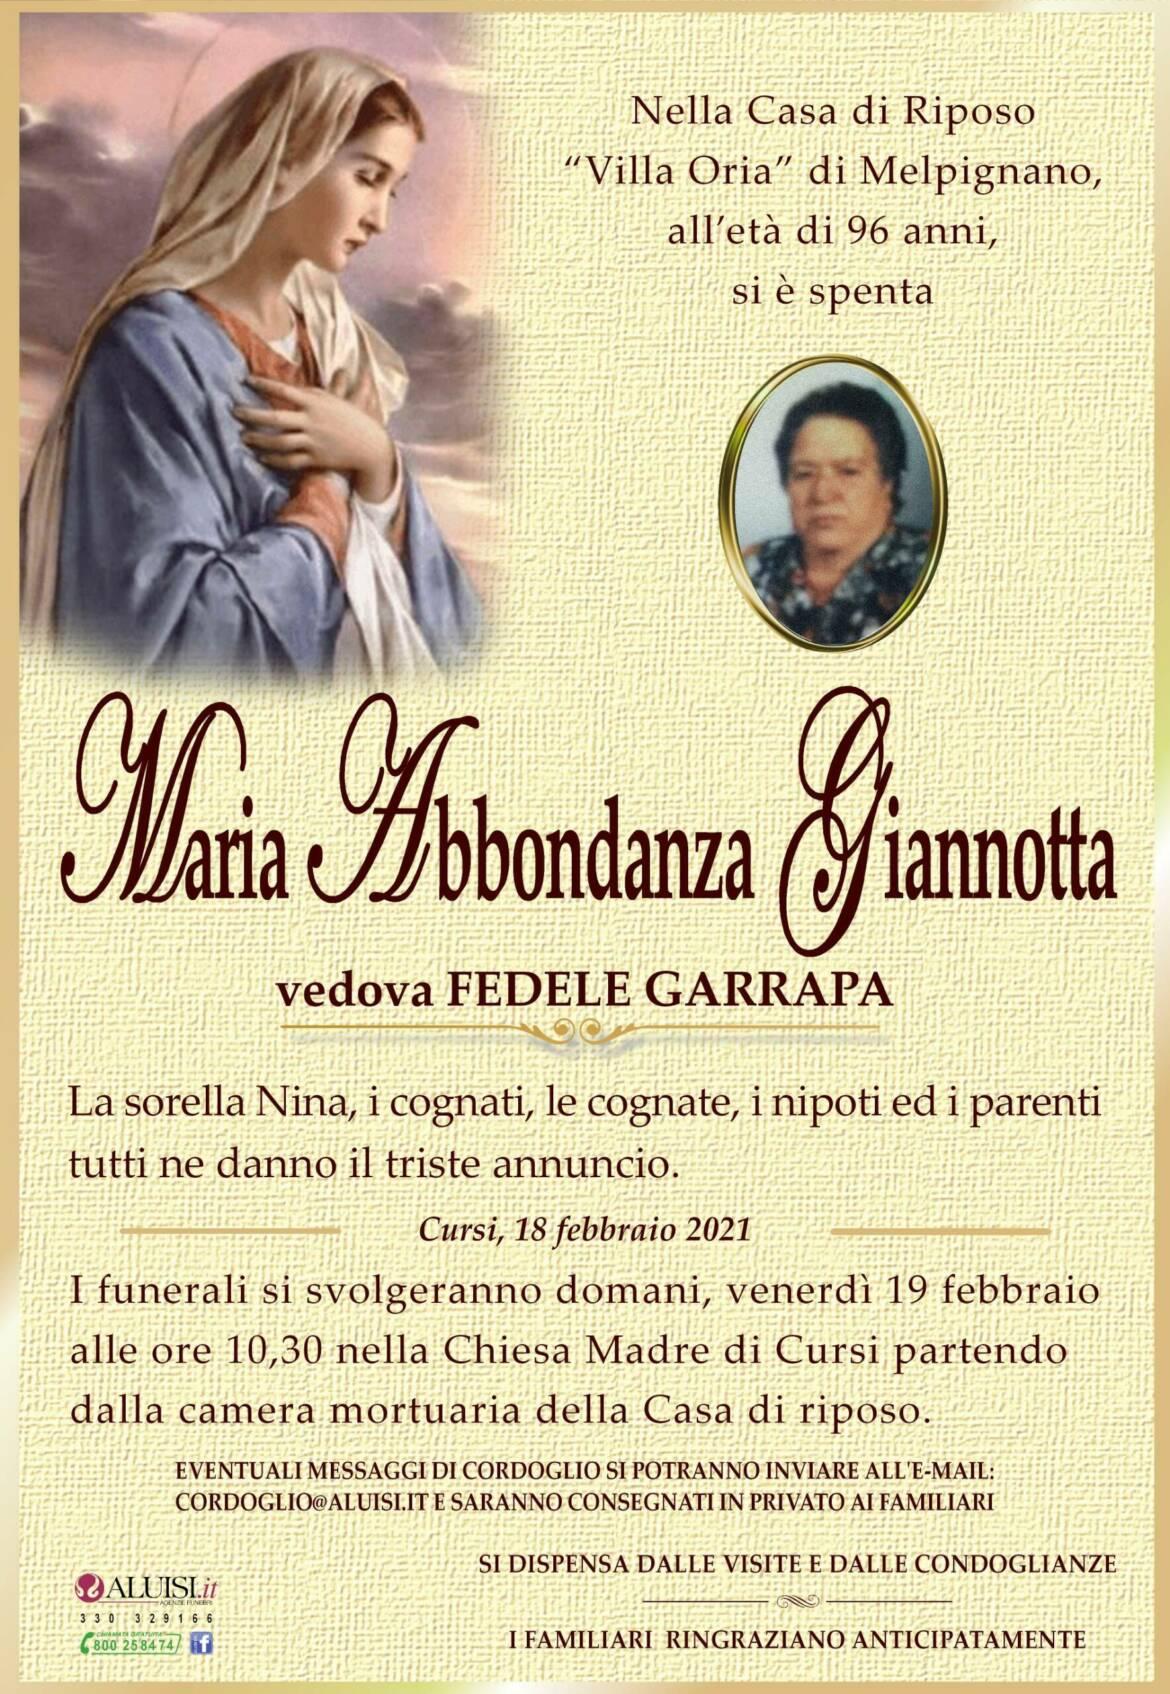 Annuncio-Maria-Abbondanzsa-Giannotta-scaled.jpg